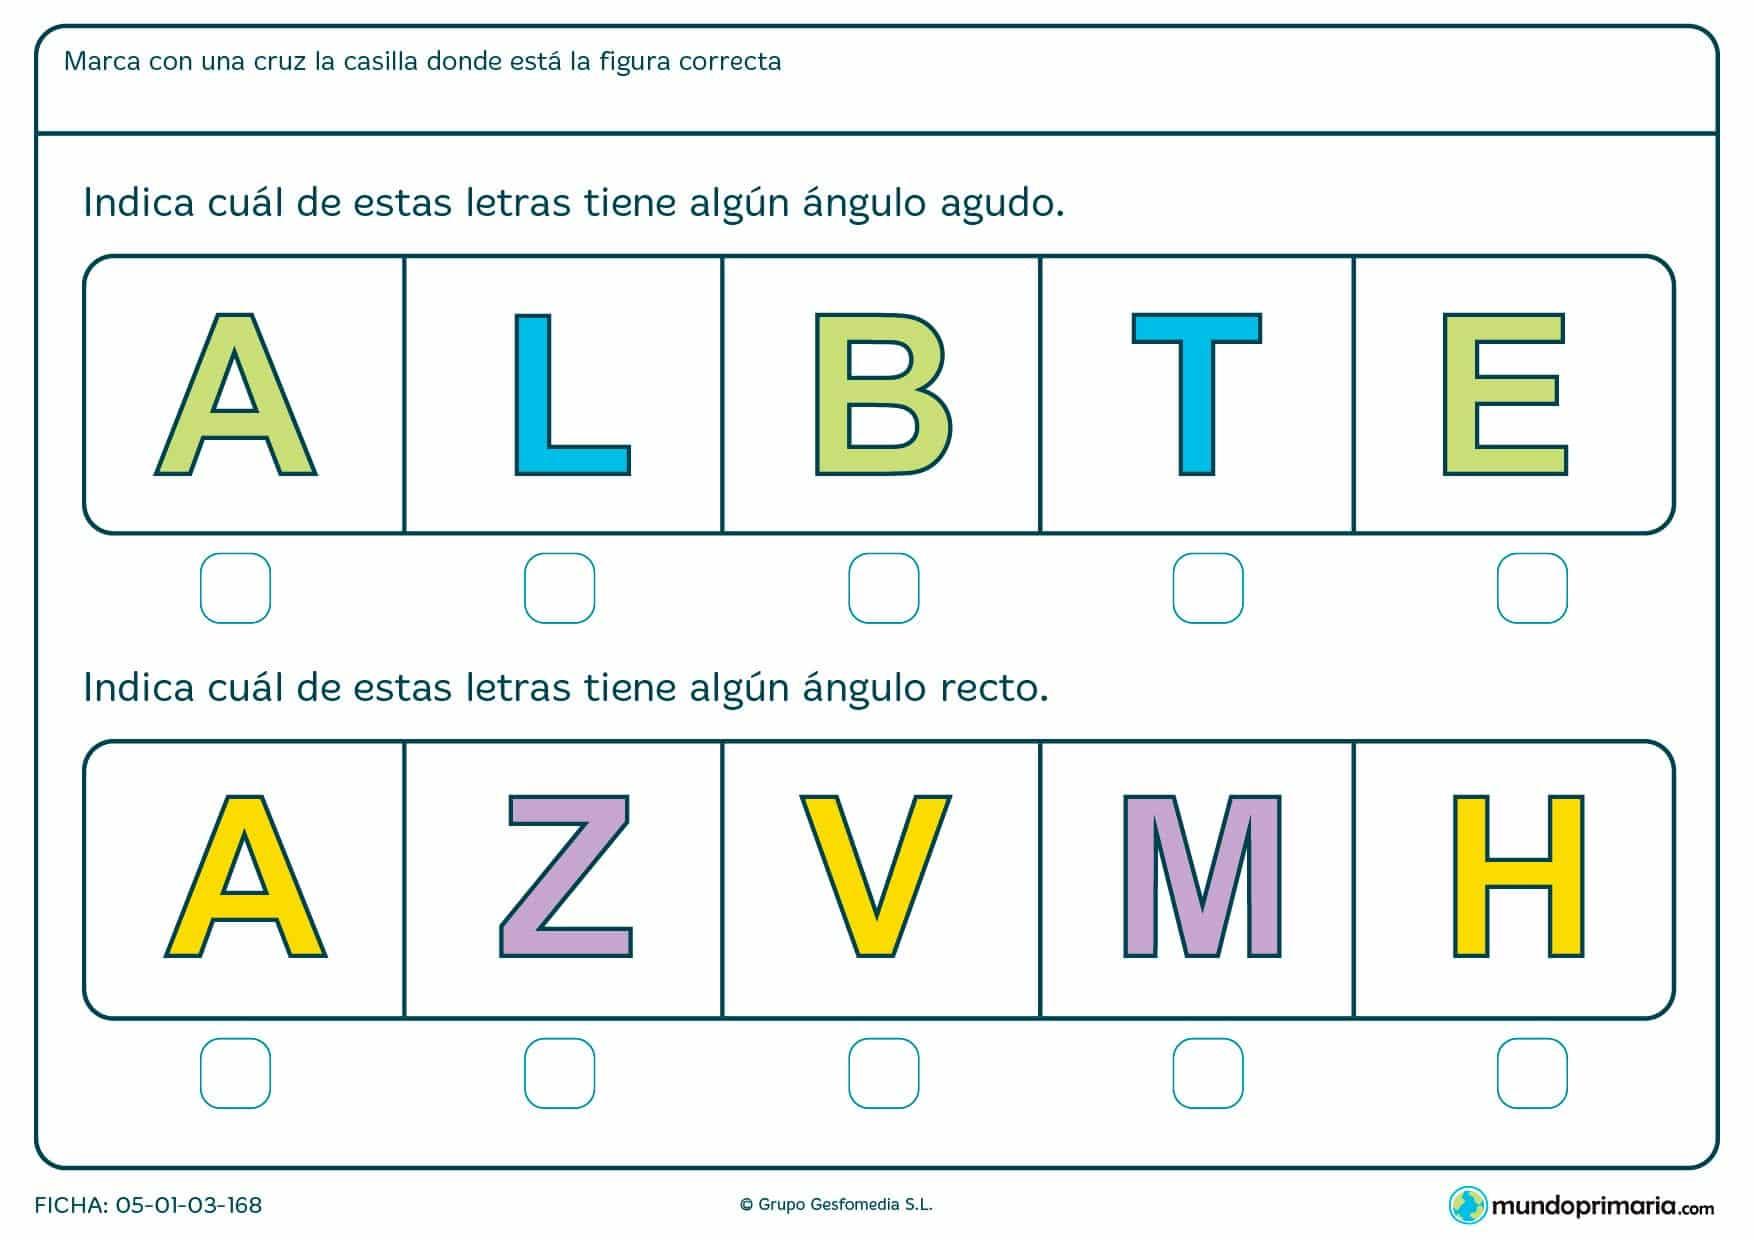 Ficha de letras y ángulos en la que te presentamos varias letras en mayúscula y tienes que encontrar en elllas el ángulo que te decimos.